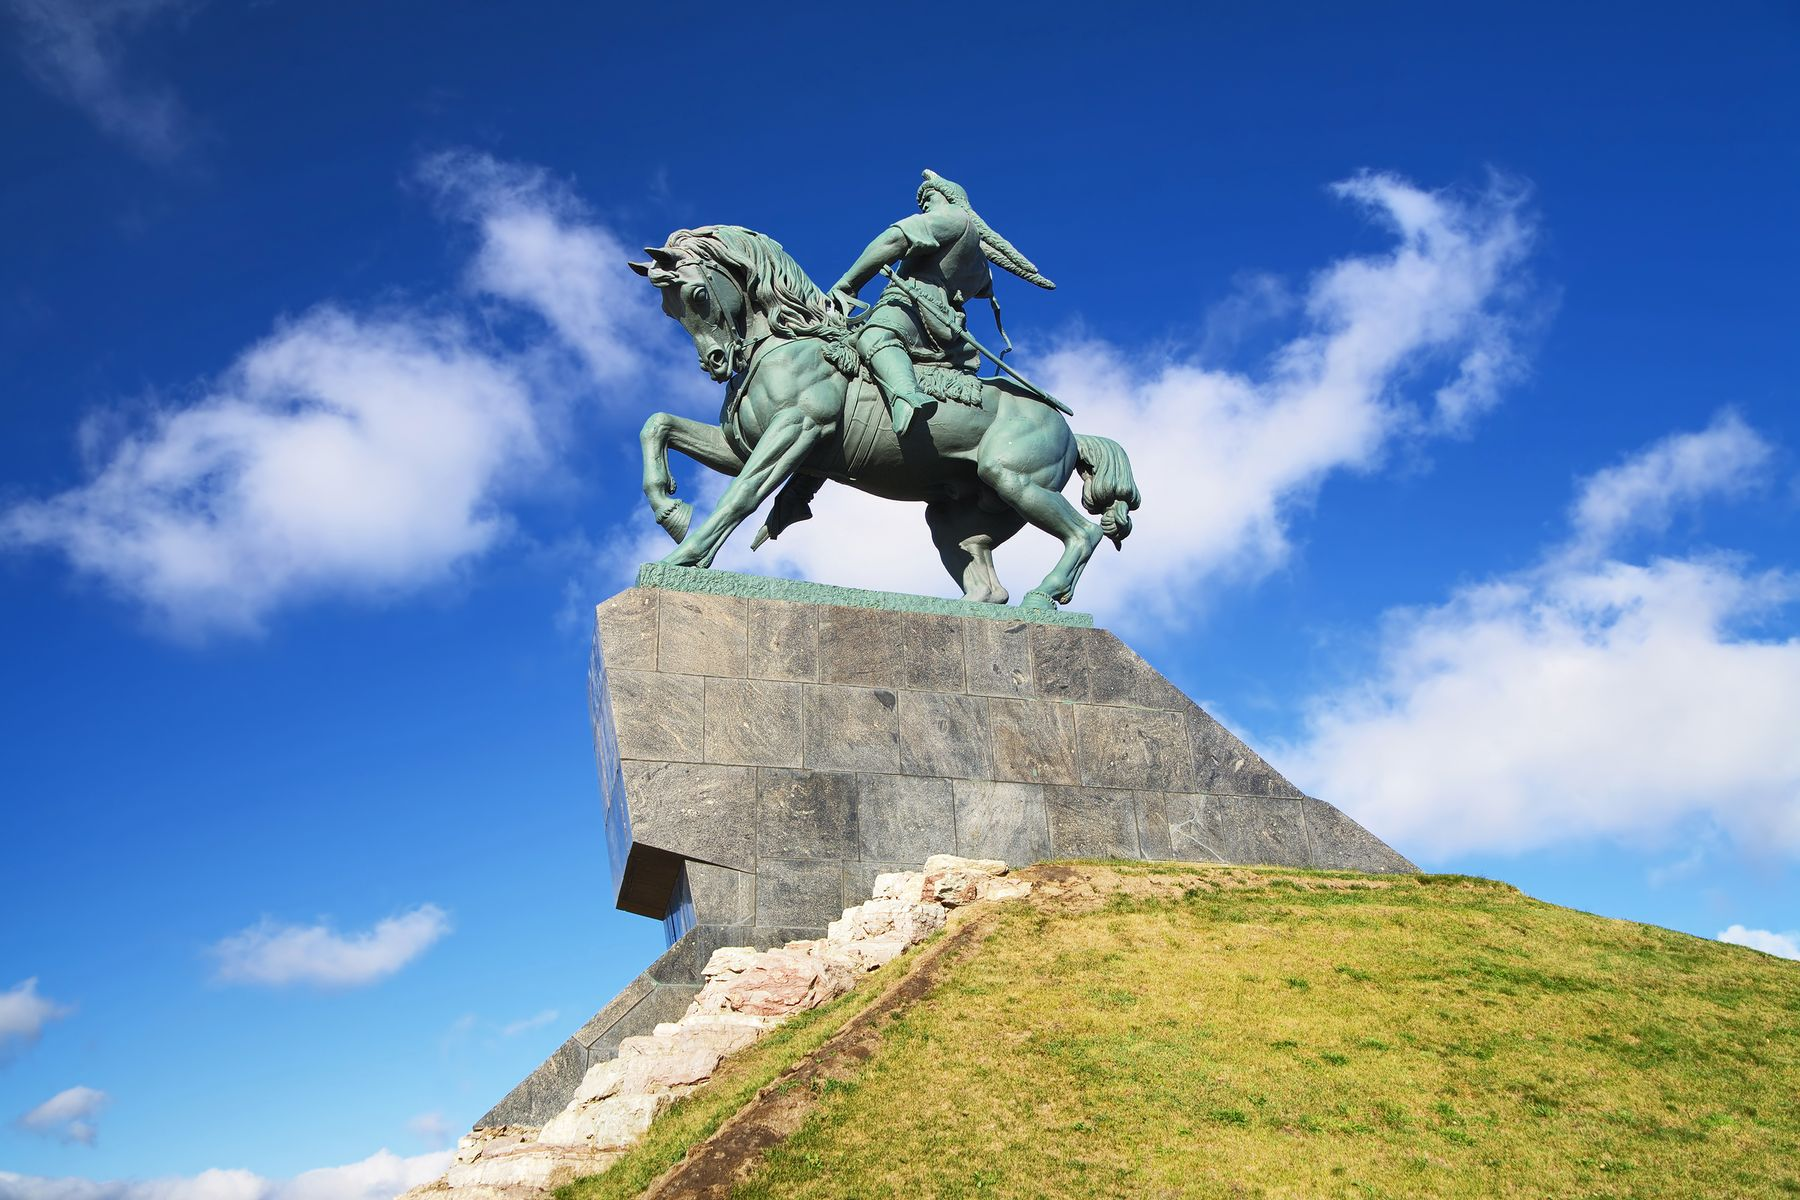 Интересные места России. Памятник Салавату Юлаеву в Уфе, Башкирия